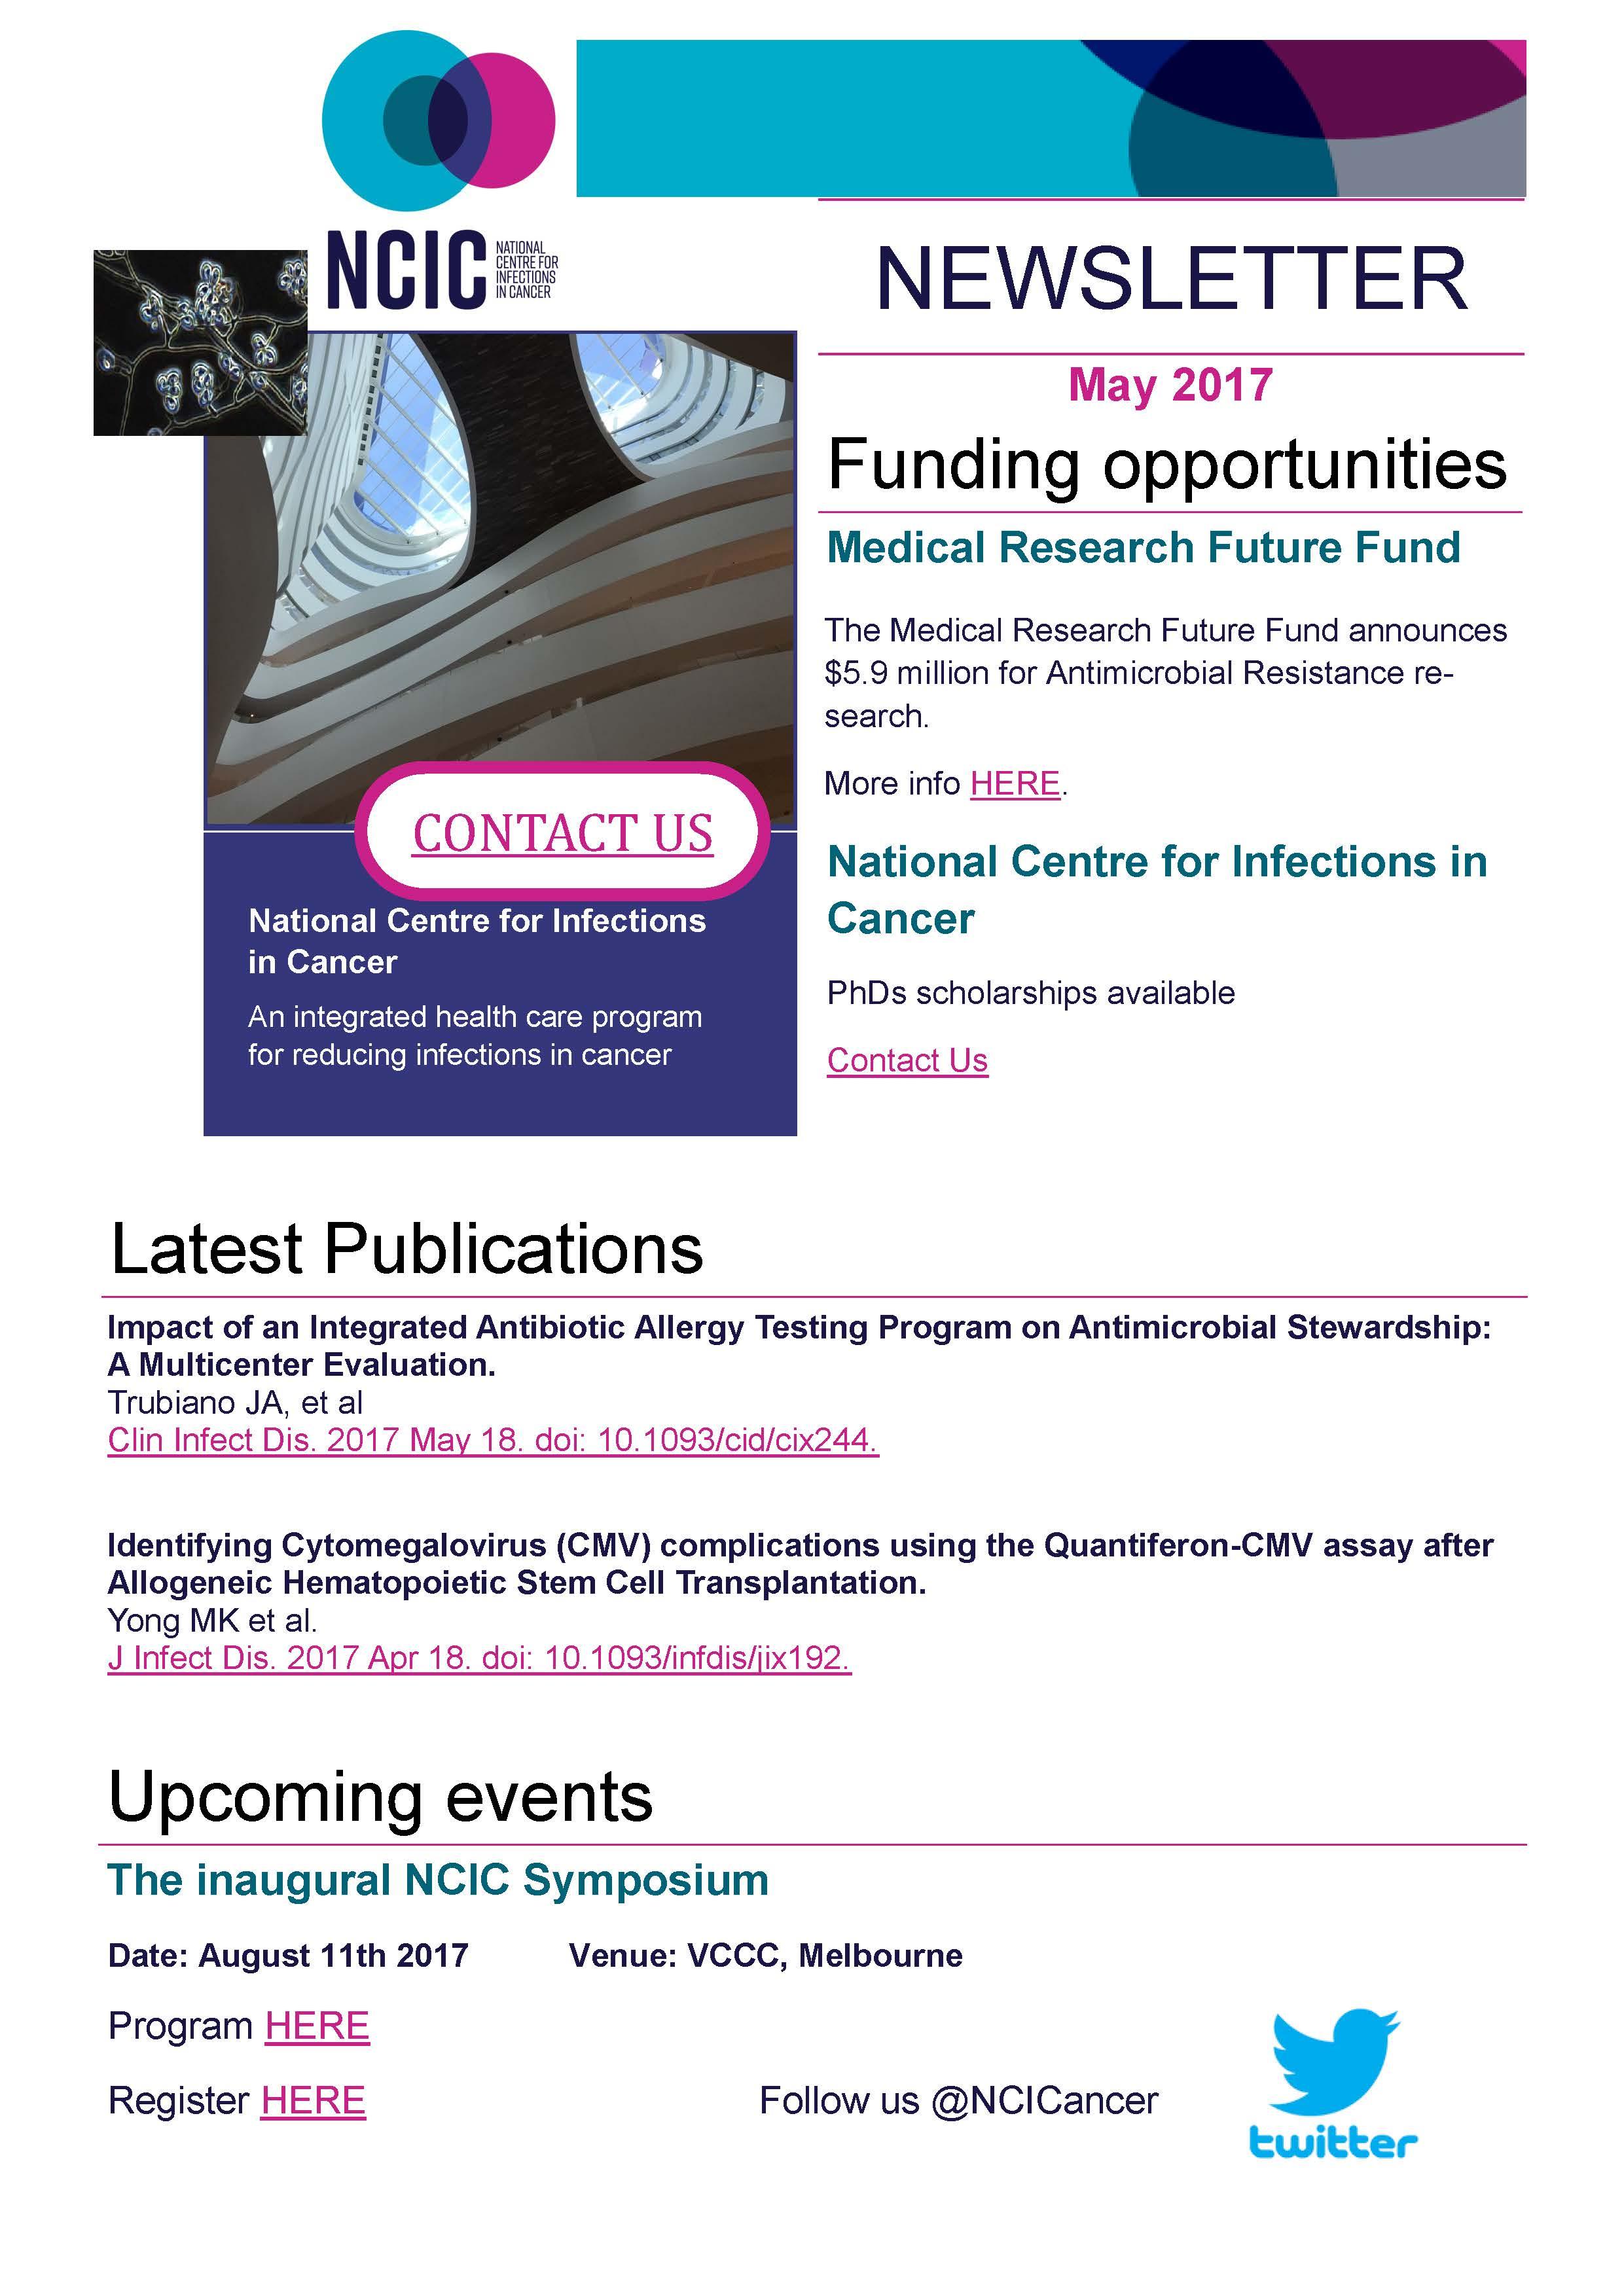 May 2017 NCIC newsletter.jpg